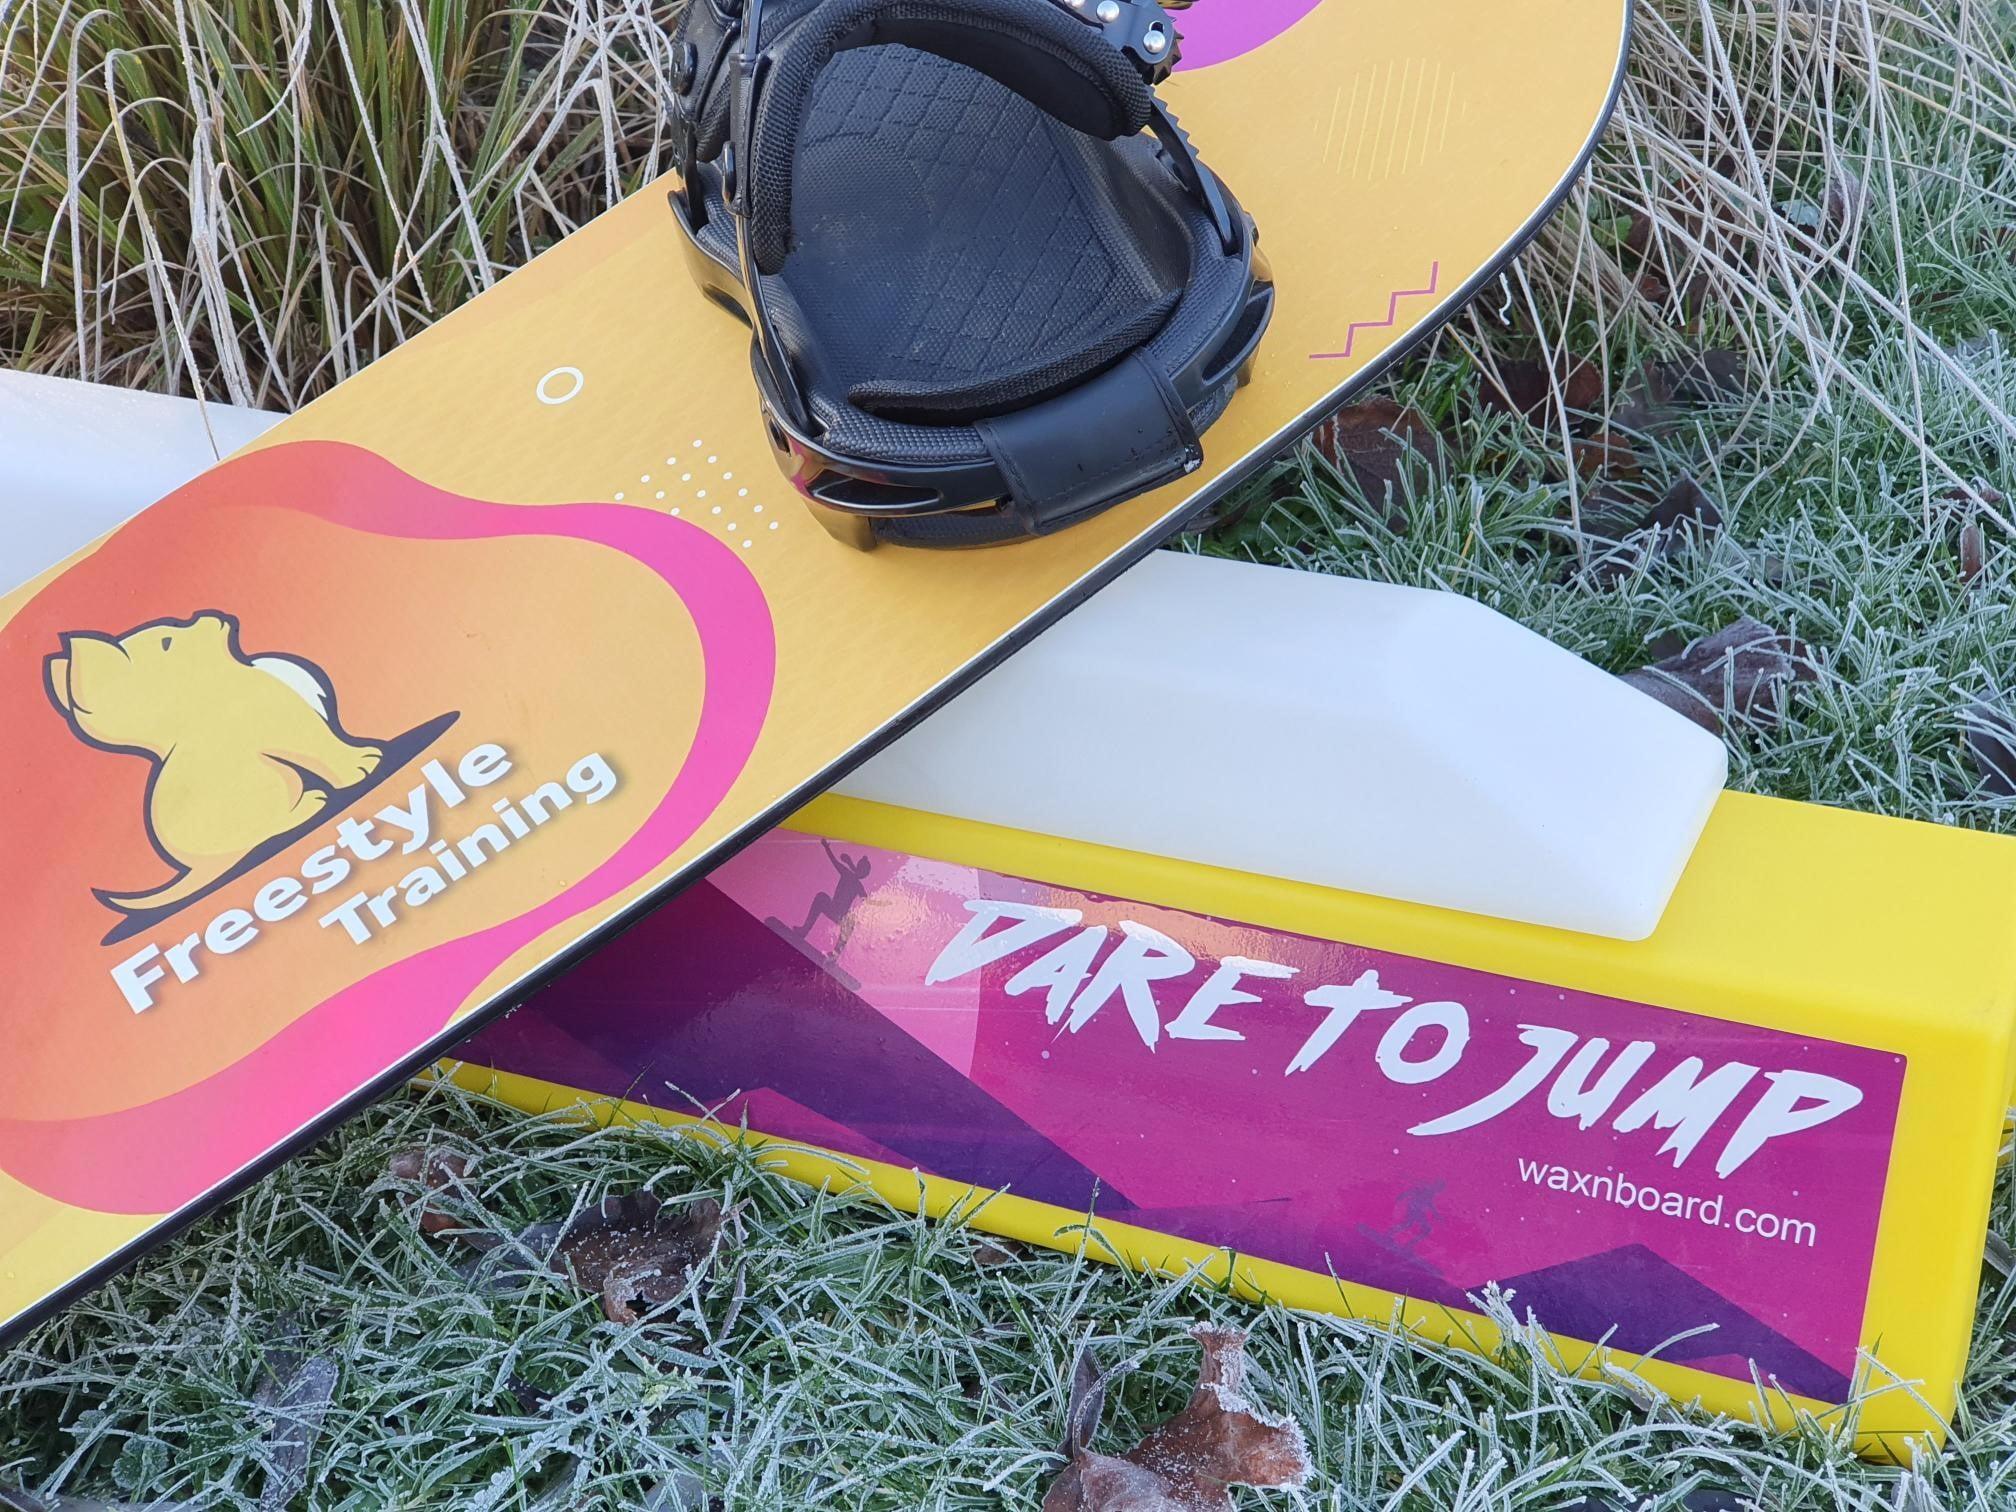 balance bar freestyle snowboard training